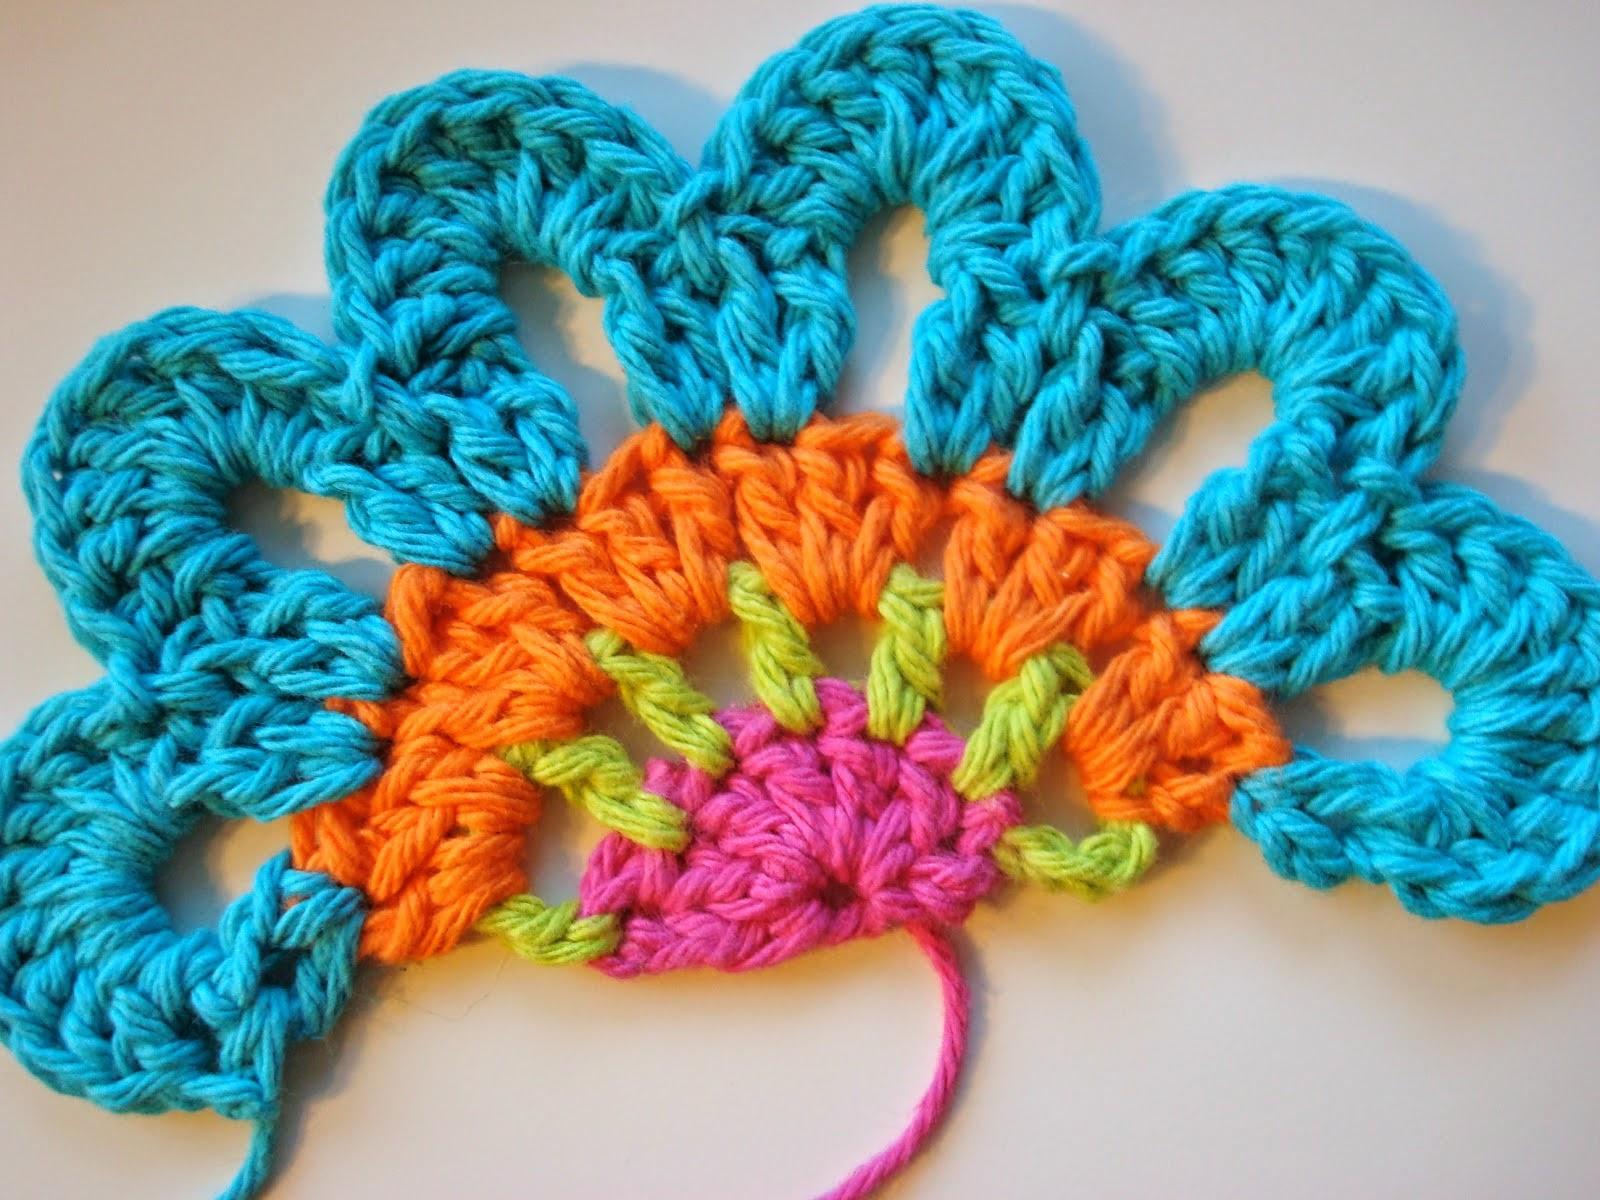 Mes Favoris Tricot Crochet Modele Rideau Au Crochet